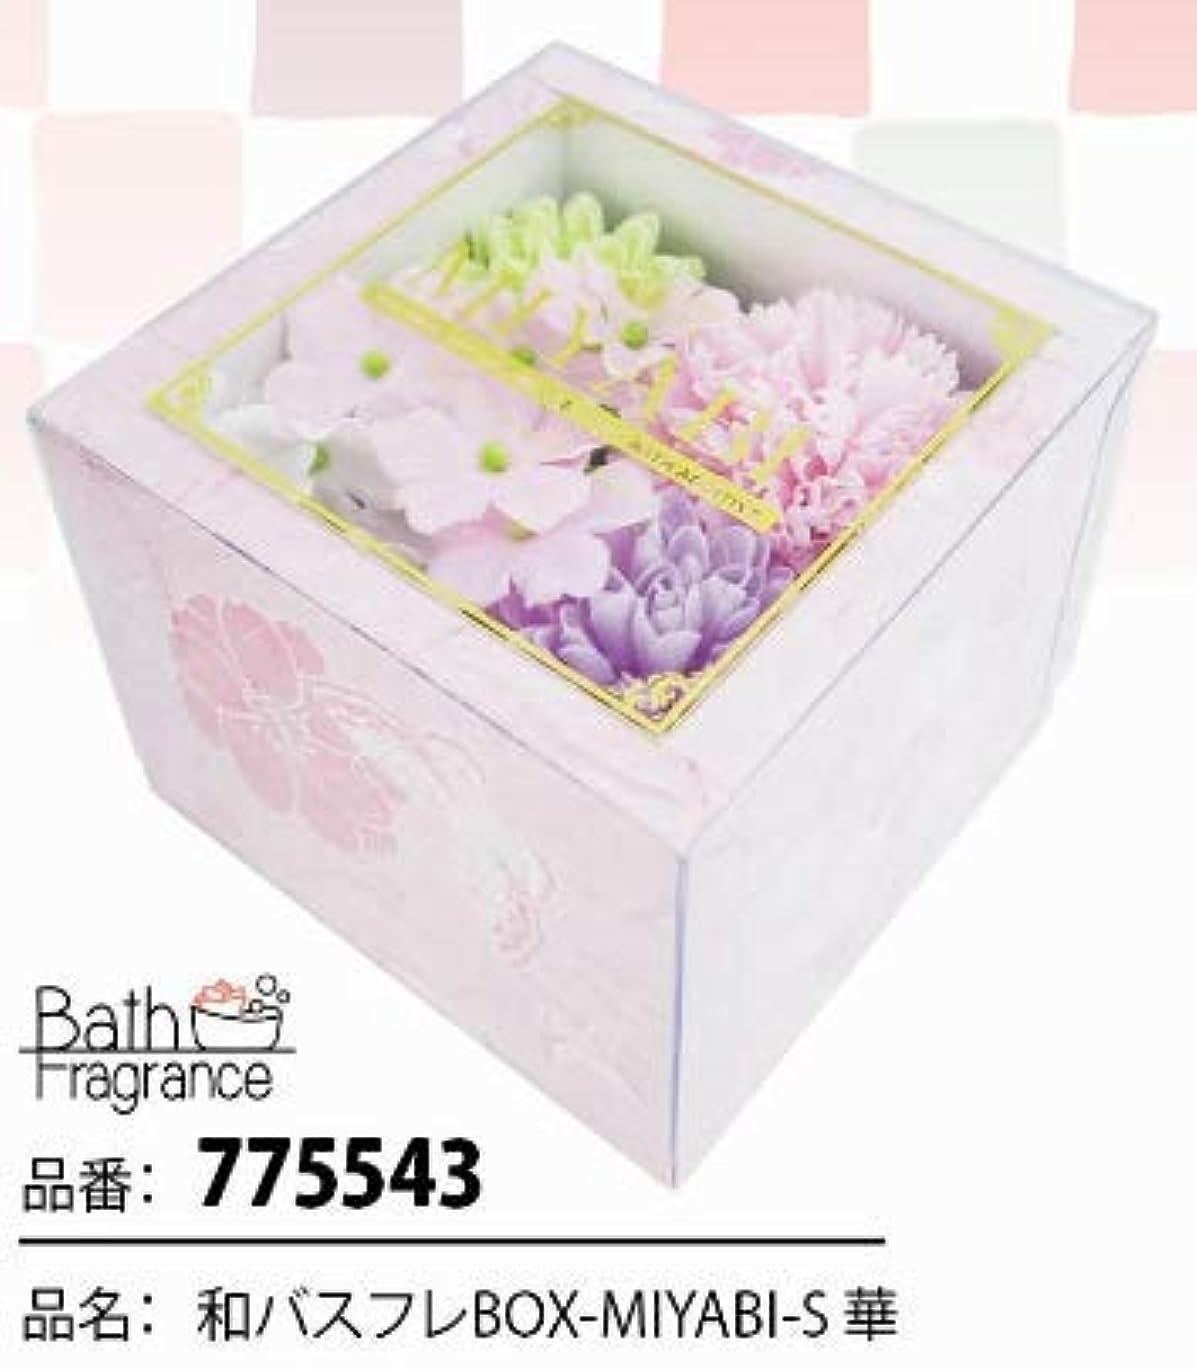 恥ずかしさ分析する祖母花のカタチの入浴剤 和バスフレBOX-MIYABI-S華 775543